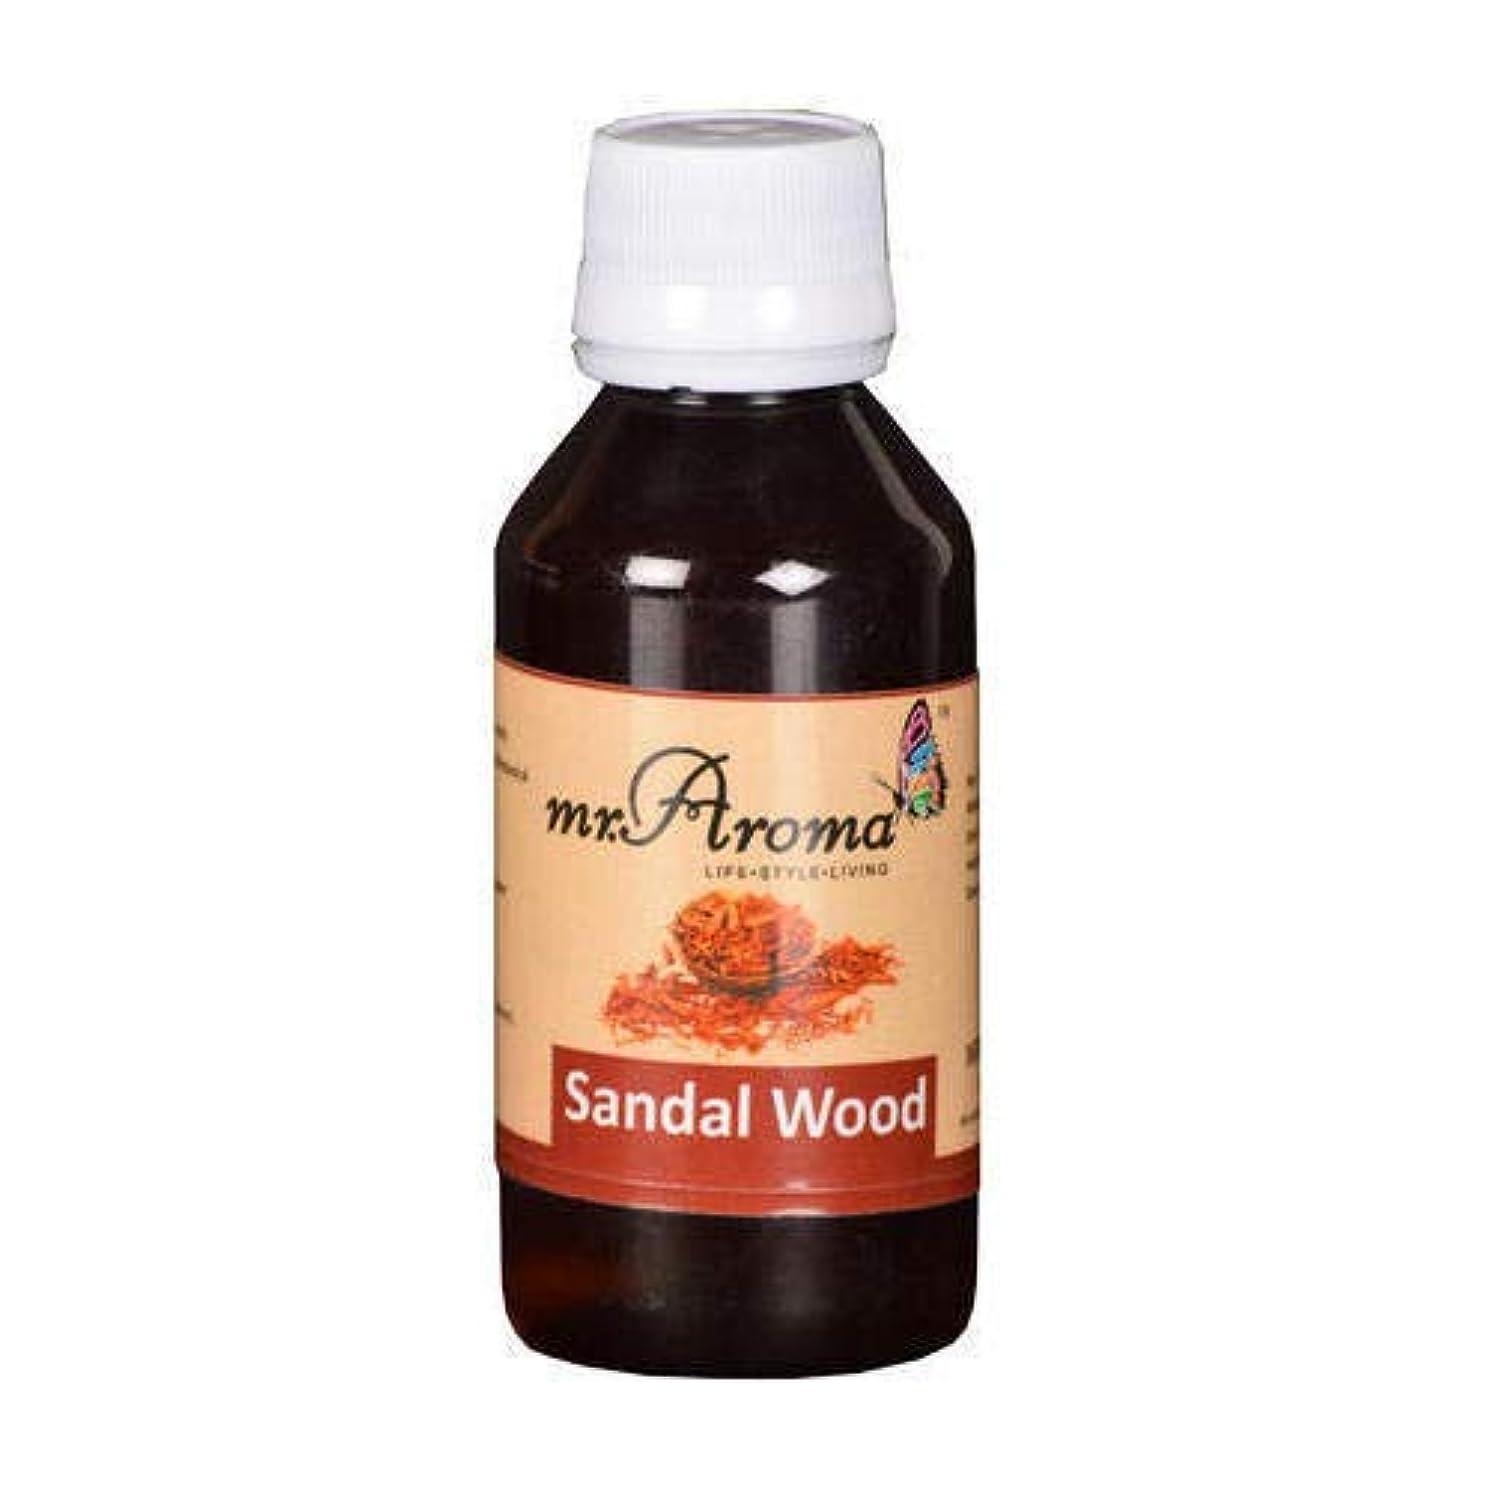 強い質量混乱させるMr. Aroma Sandal Wood Vaporizer/Essential